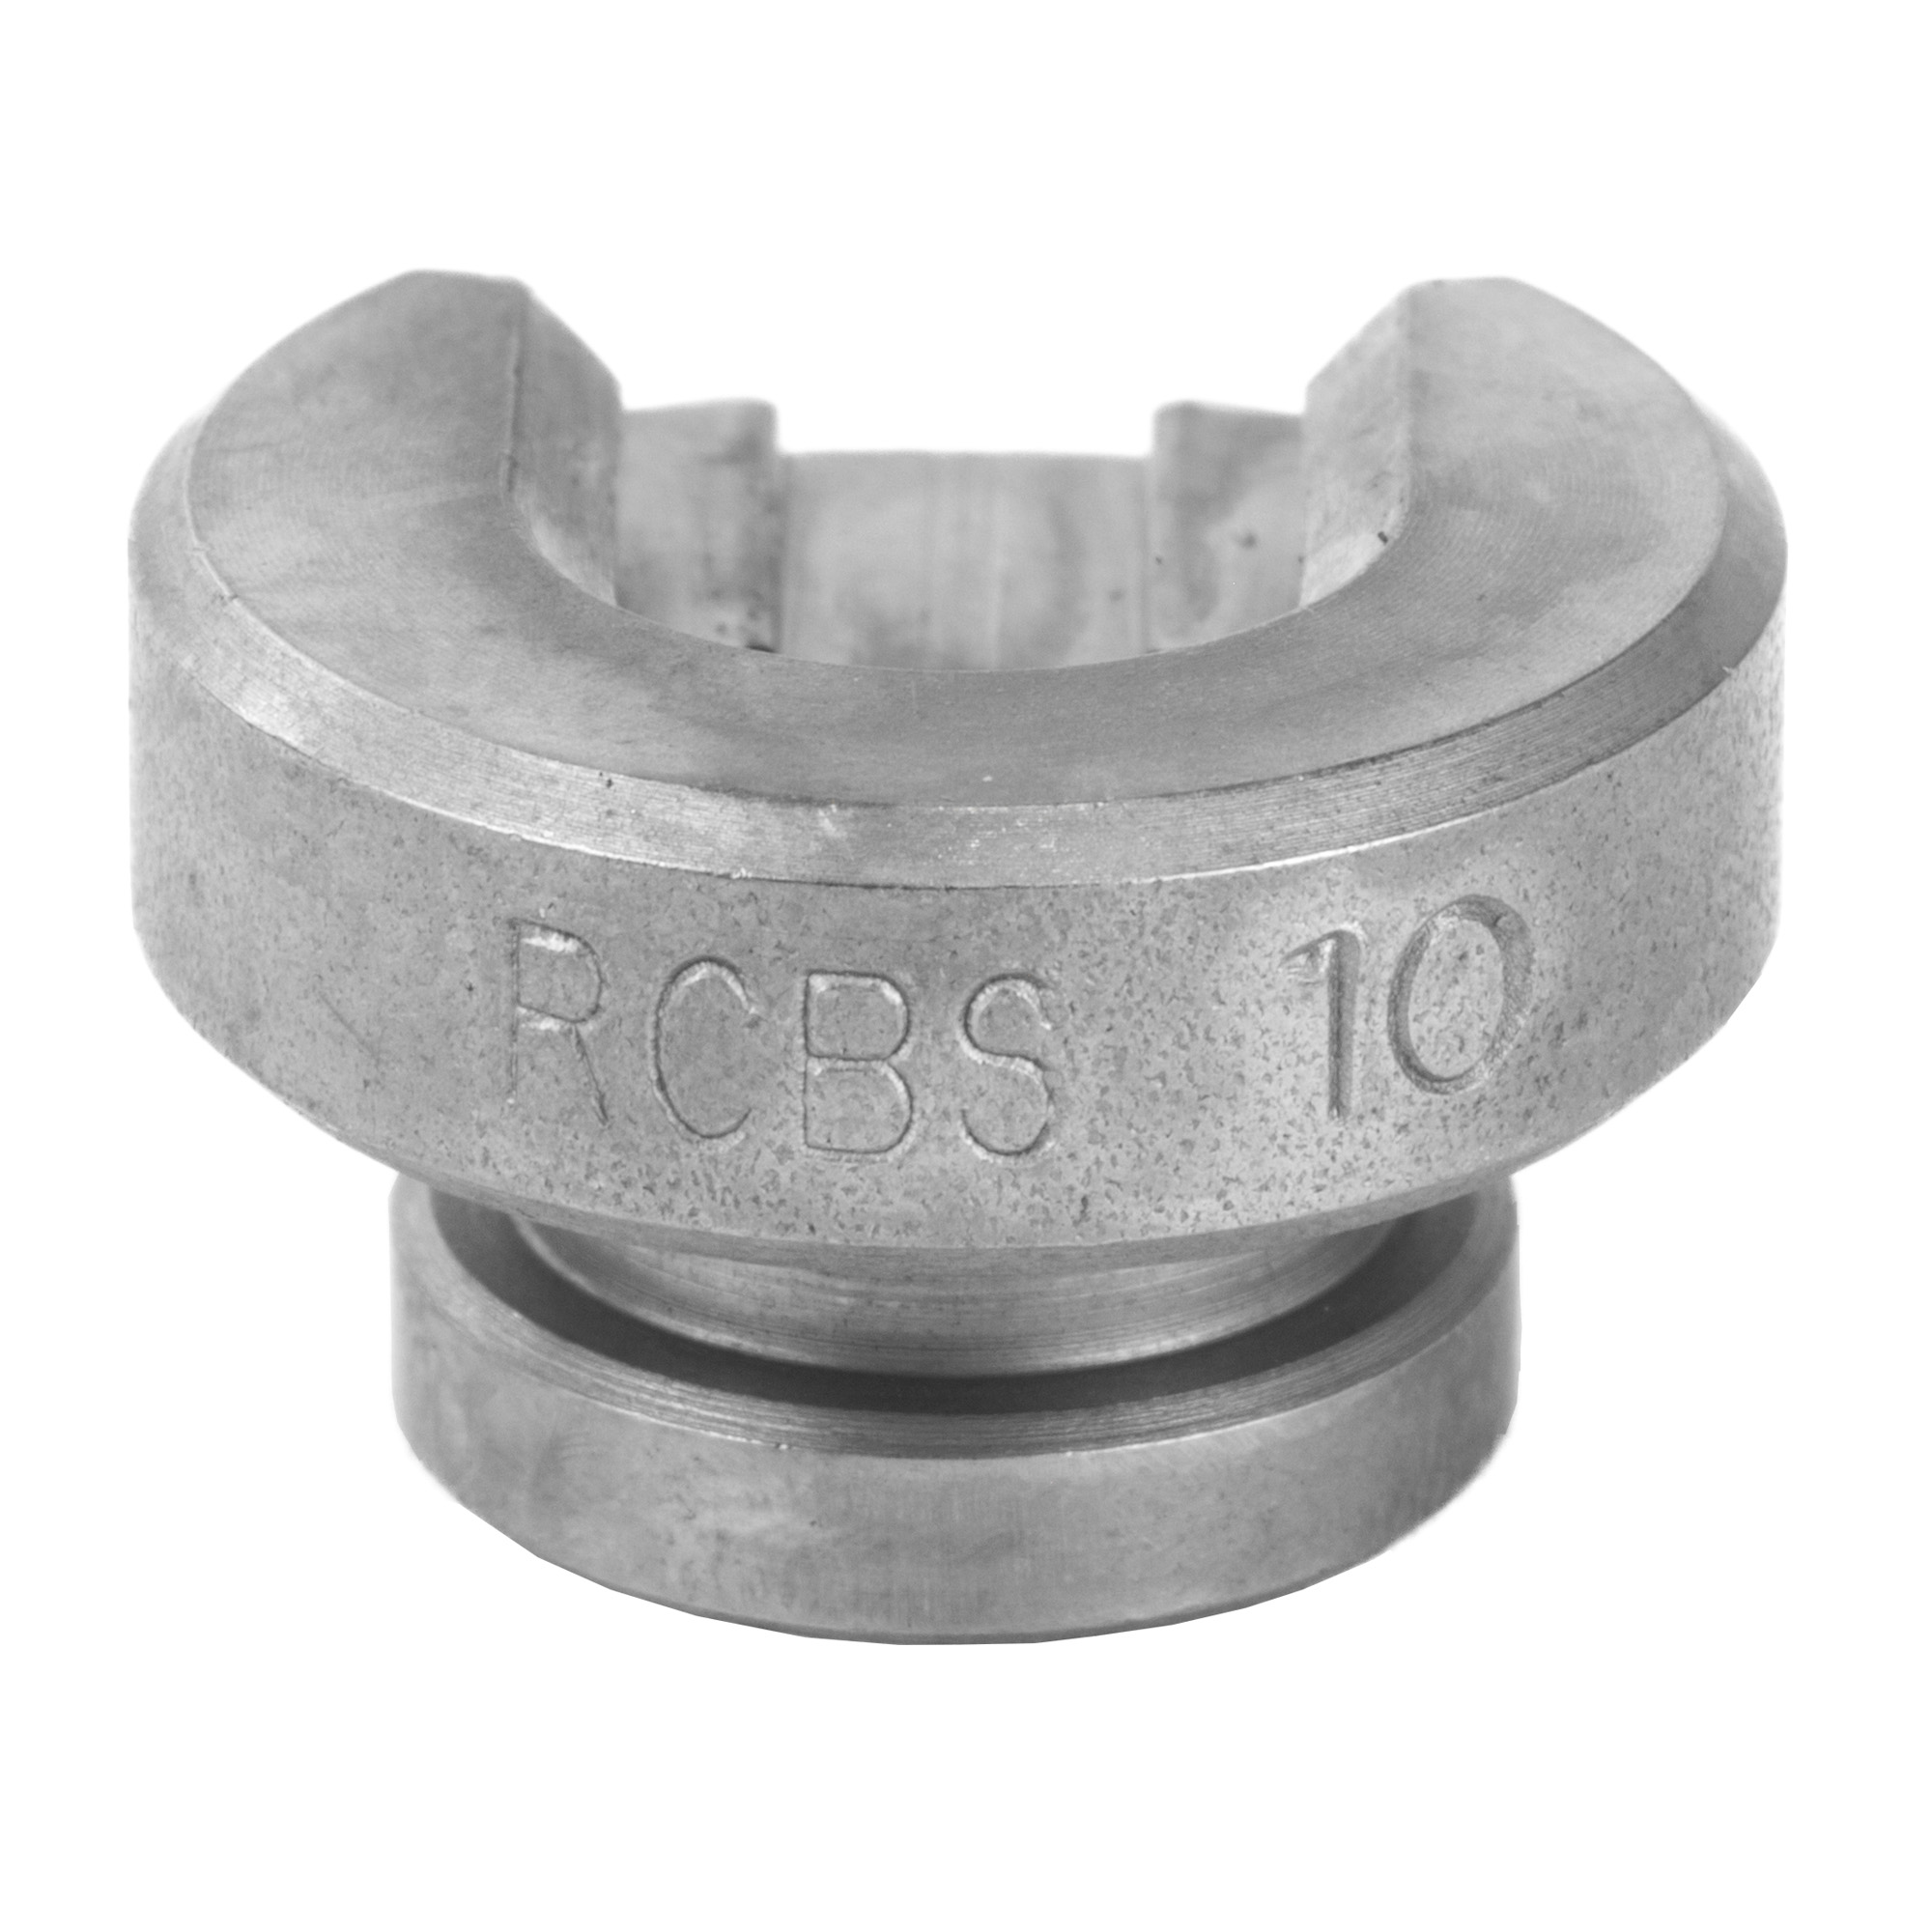 Rcbs Shell Holder # 10